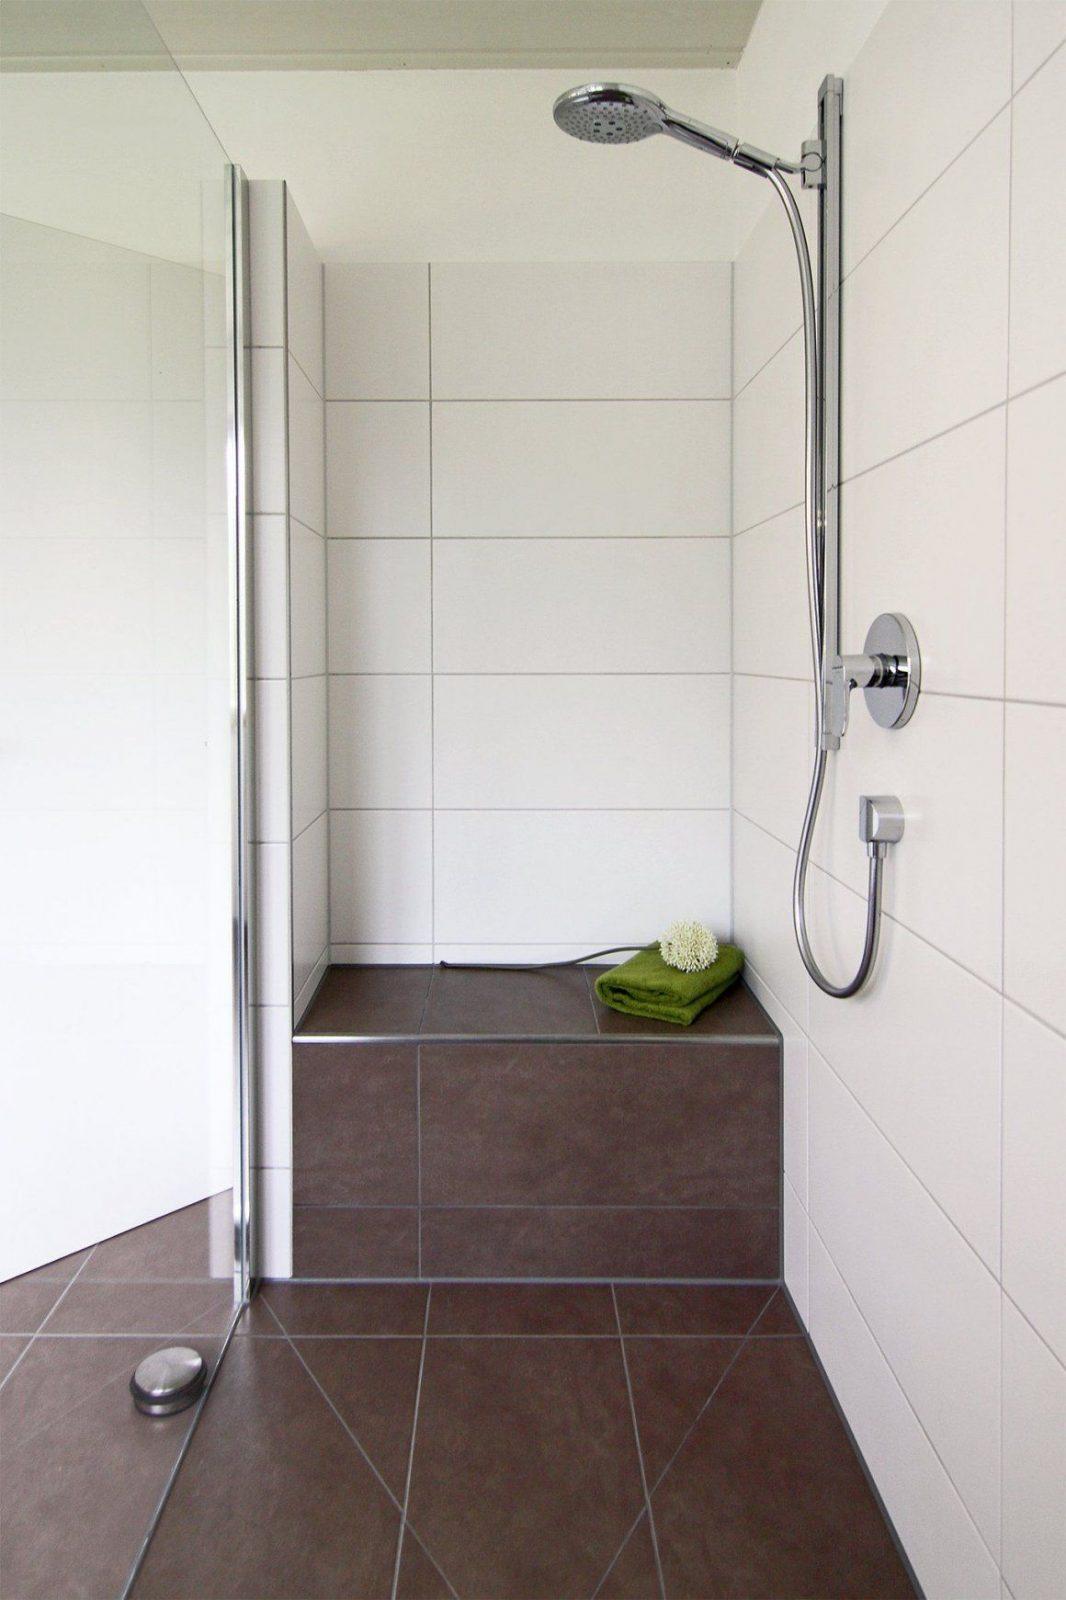 Bildergebnis Für Walk In Dusche Podest  Duschabtrennung  Pinterest von Ablage In Dusche Einbauen Bild